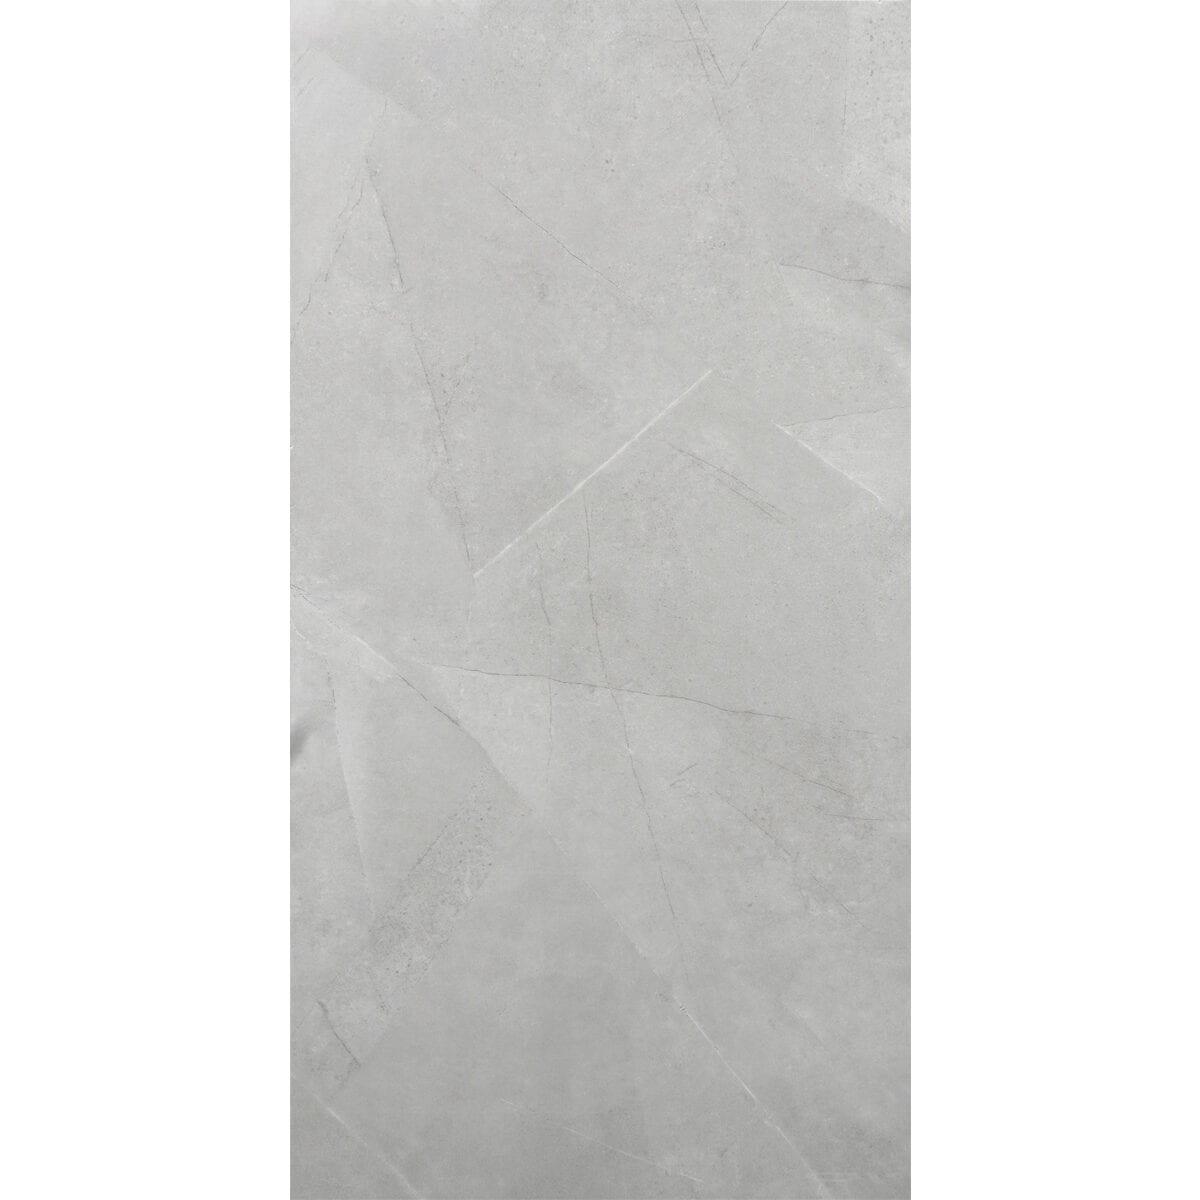 T10146 Dragonia Dove